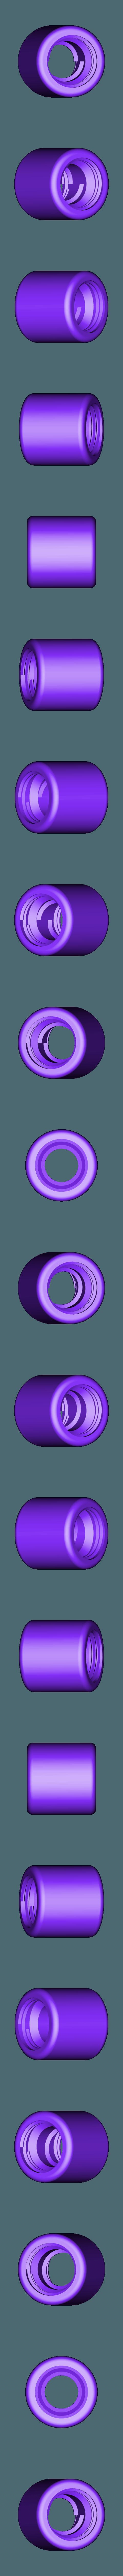 Energiseur V1.STL Download free STL file Bottle water energizer • 3D print model, SebAme